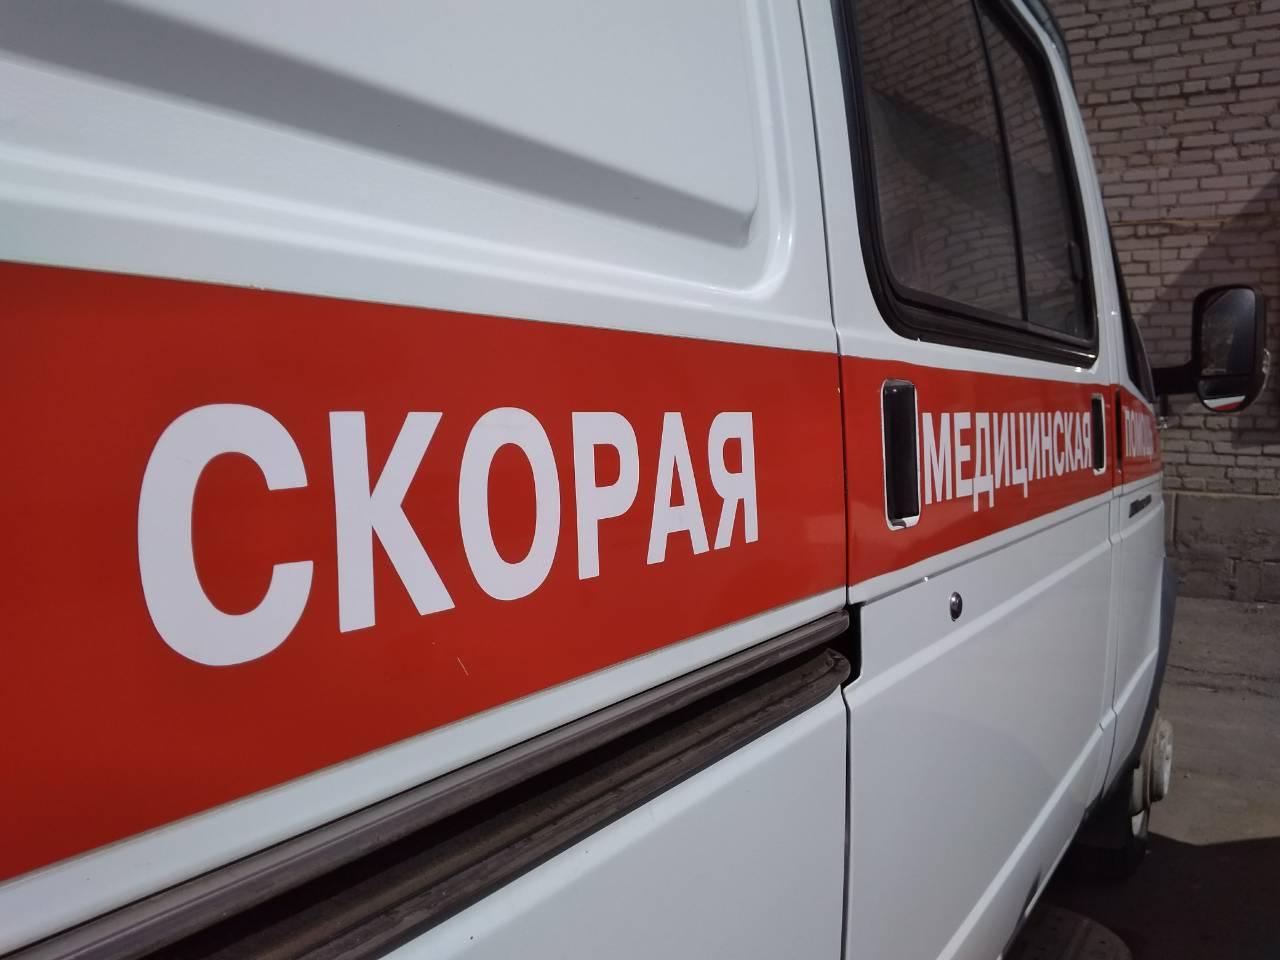 Пострадавшим в ДТП в Боханском районе оказывается вся необходимая медицинская помощь  31 января 2019 года в 7.40 утра поступило сообщение о дорожно-транспортном происшествии в Боханском районе с участием пассажирского микроавтобуса и грузового автомо…